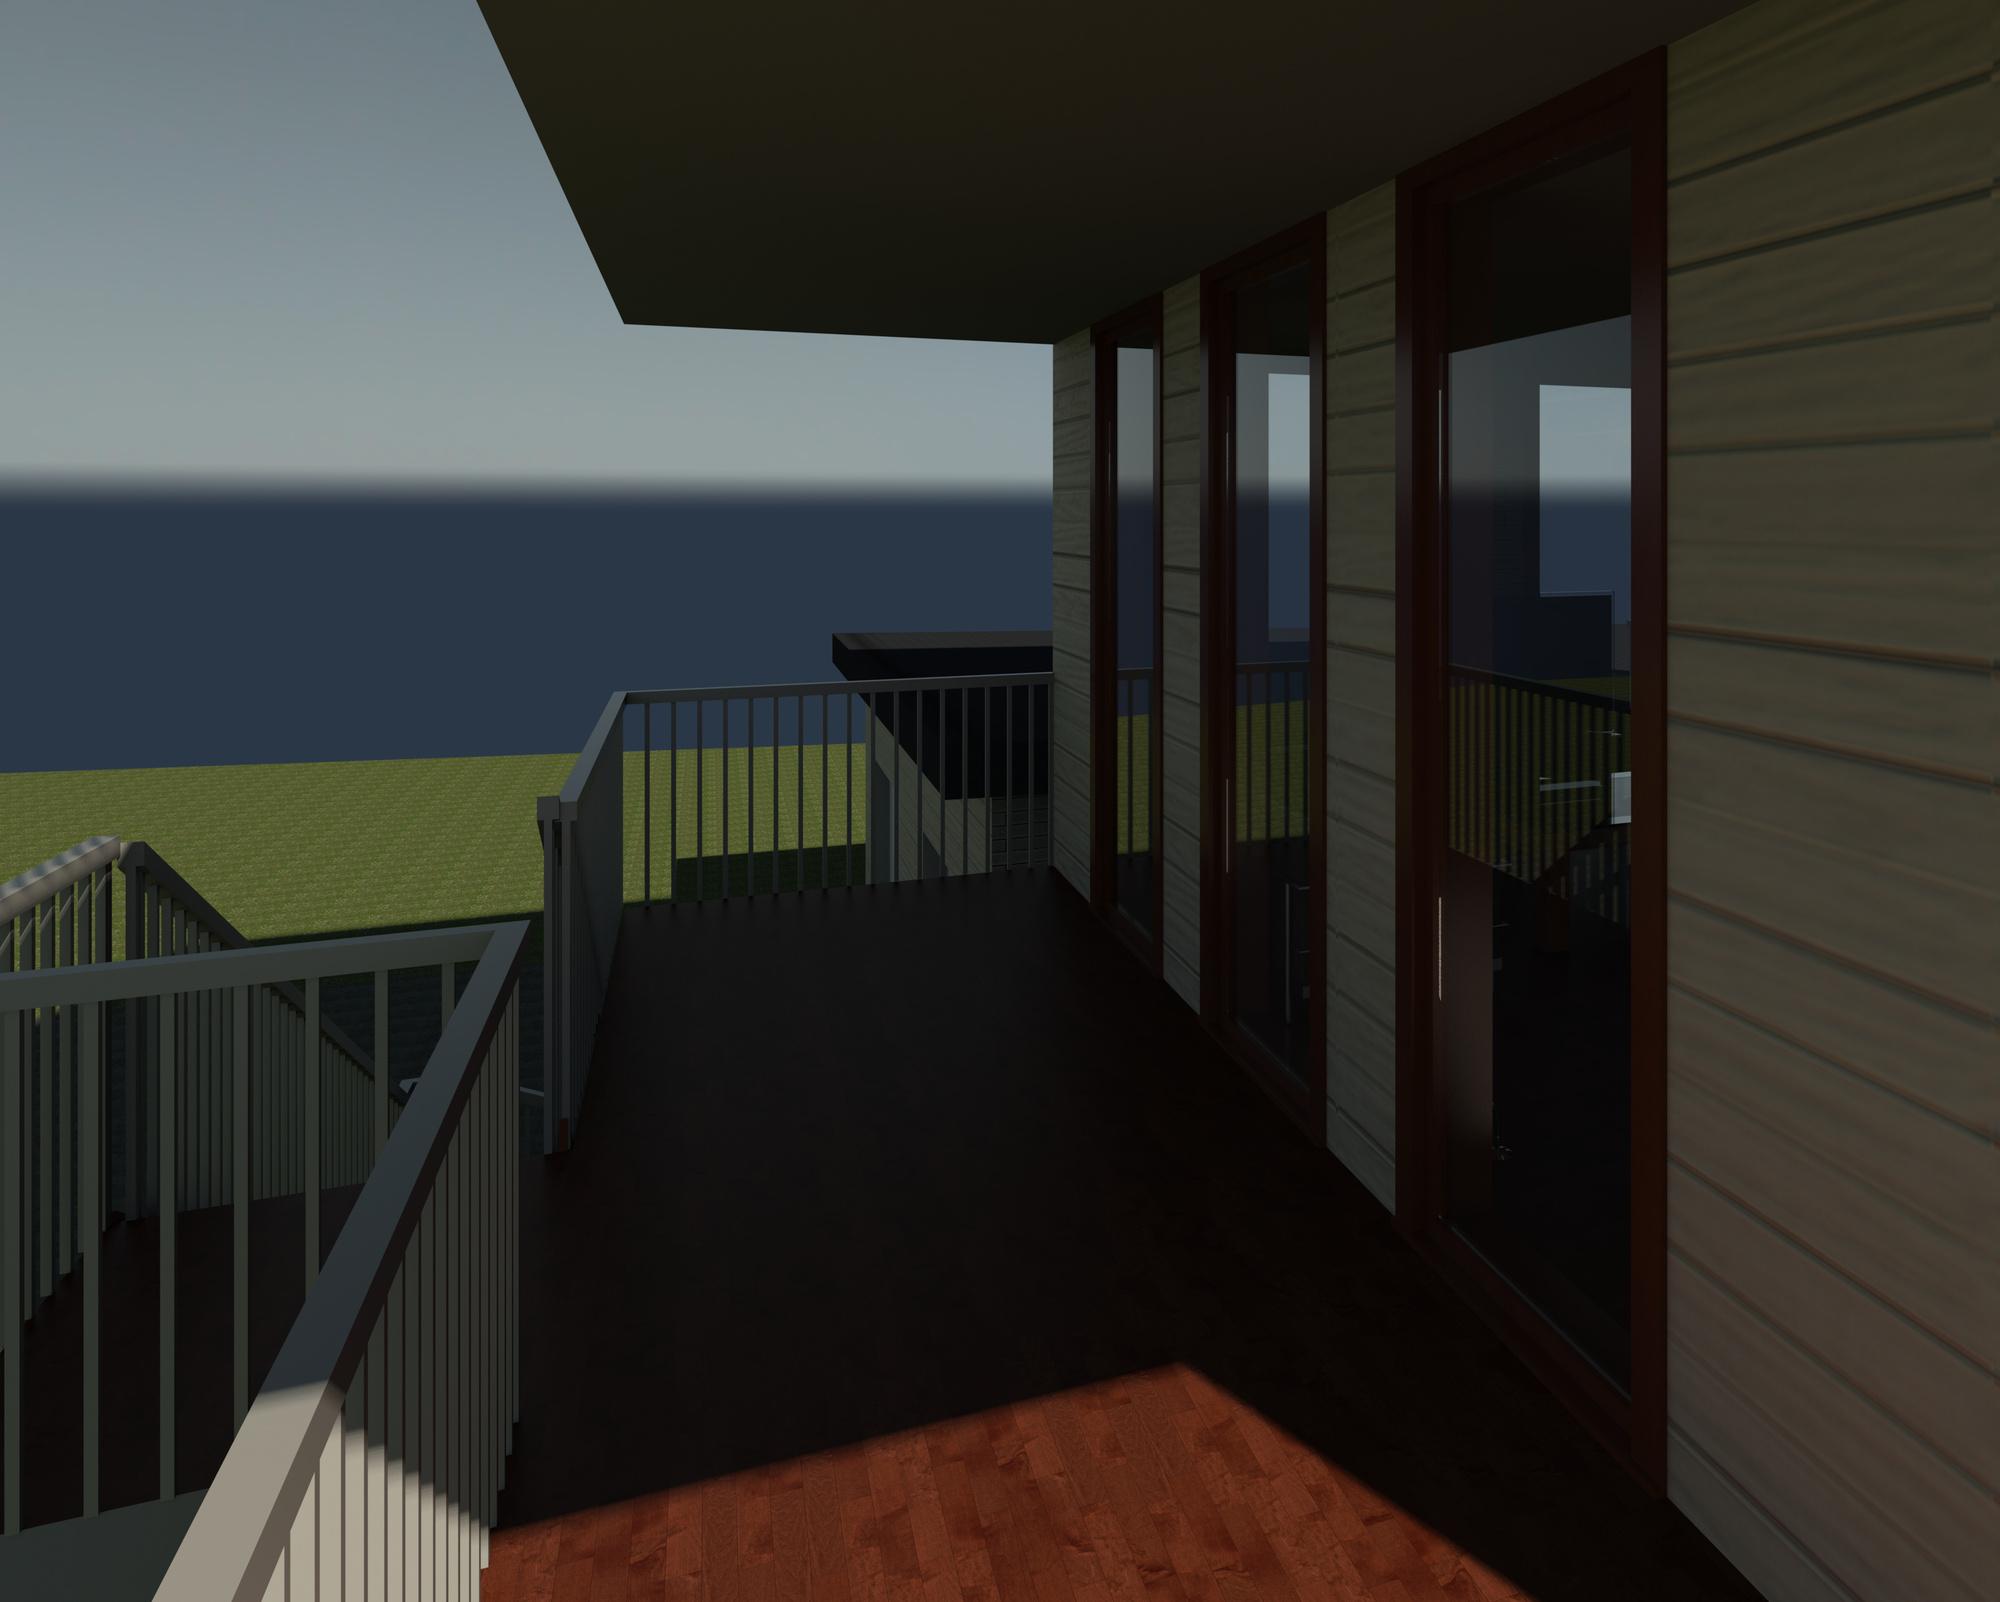 Raas-rendering20150520-358-1midp9o